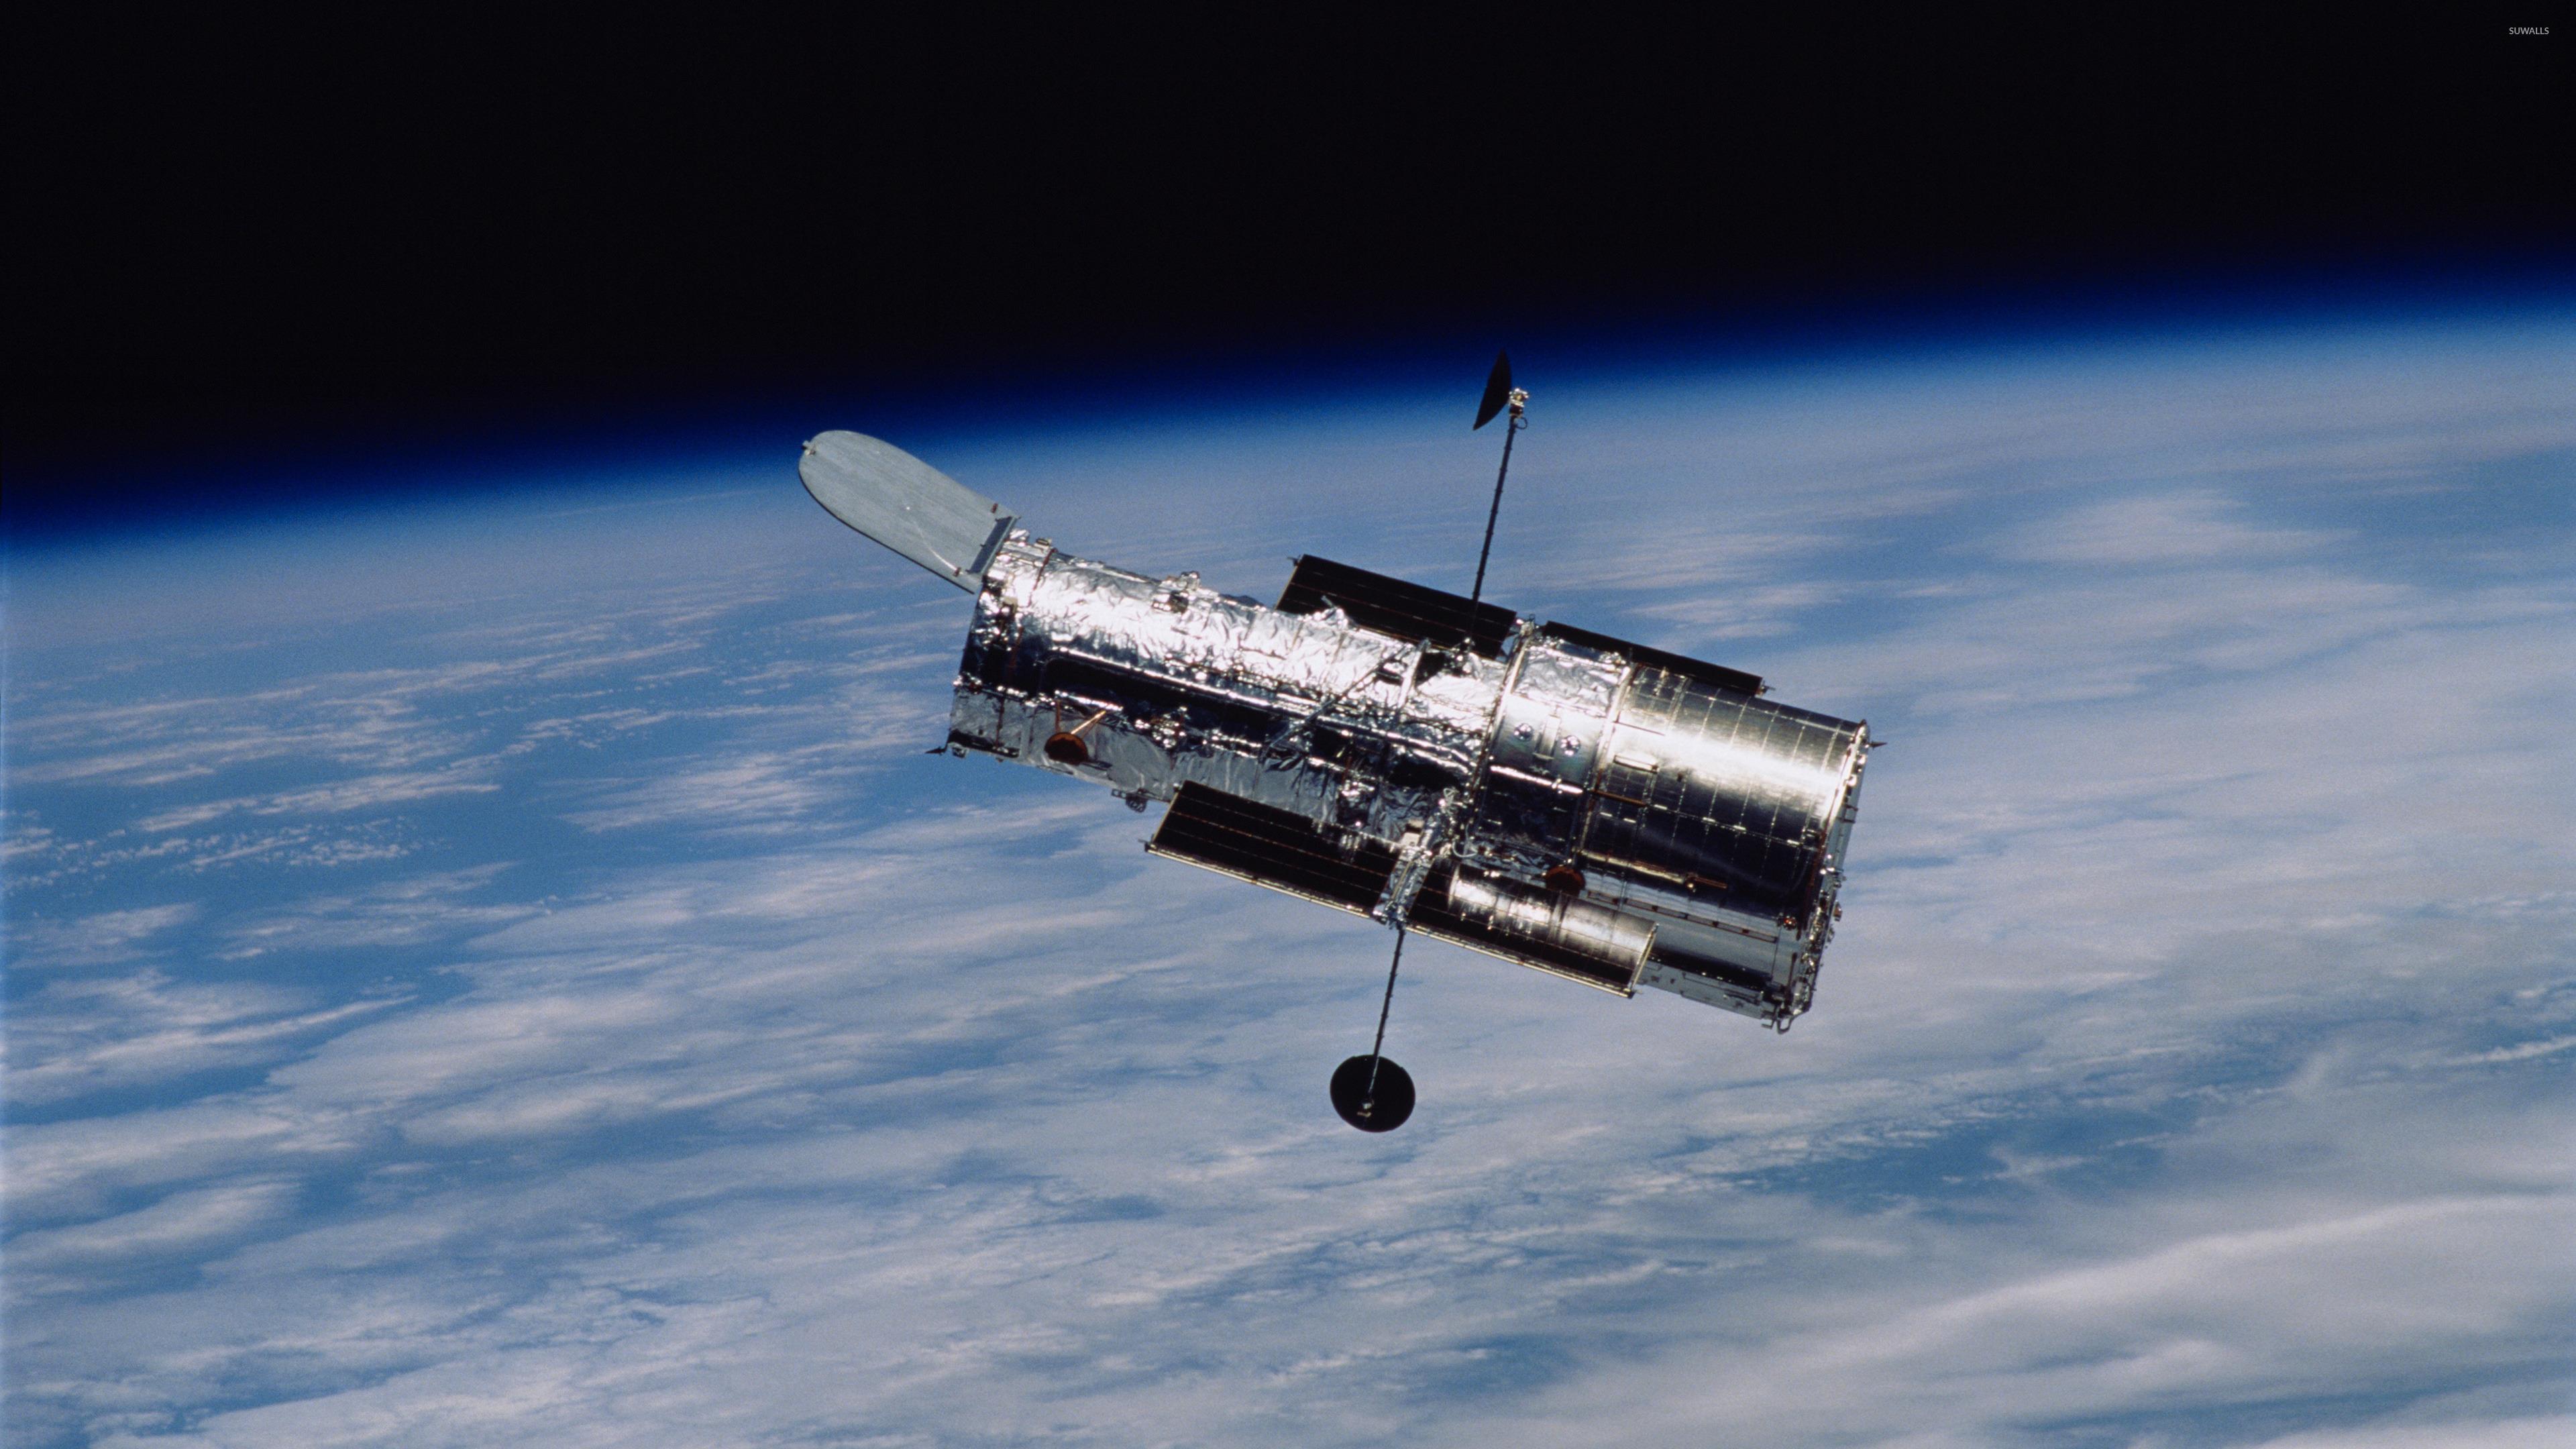 Hubble Space Telescope In Orbit Wallpaper